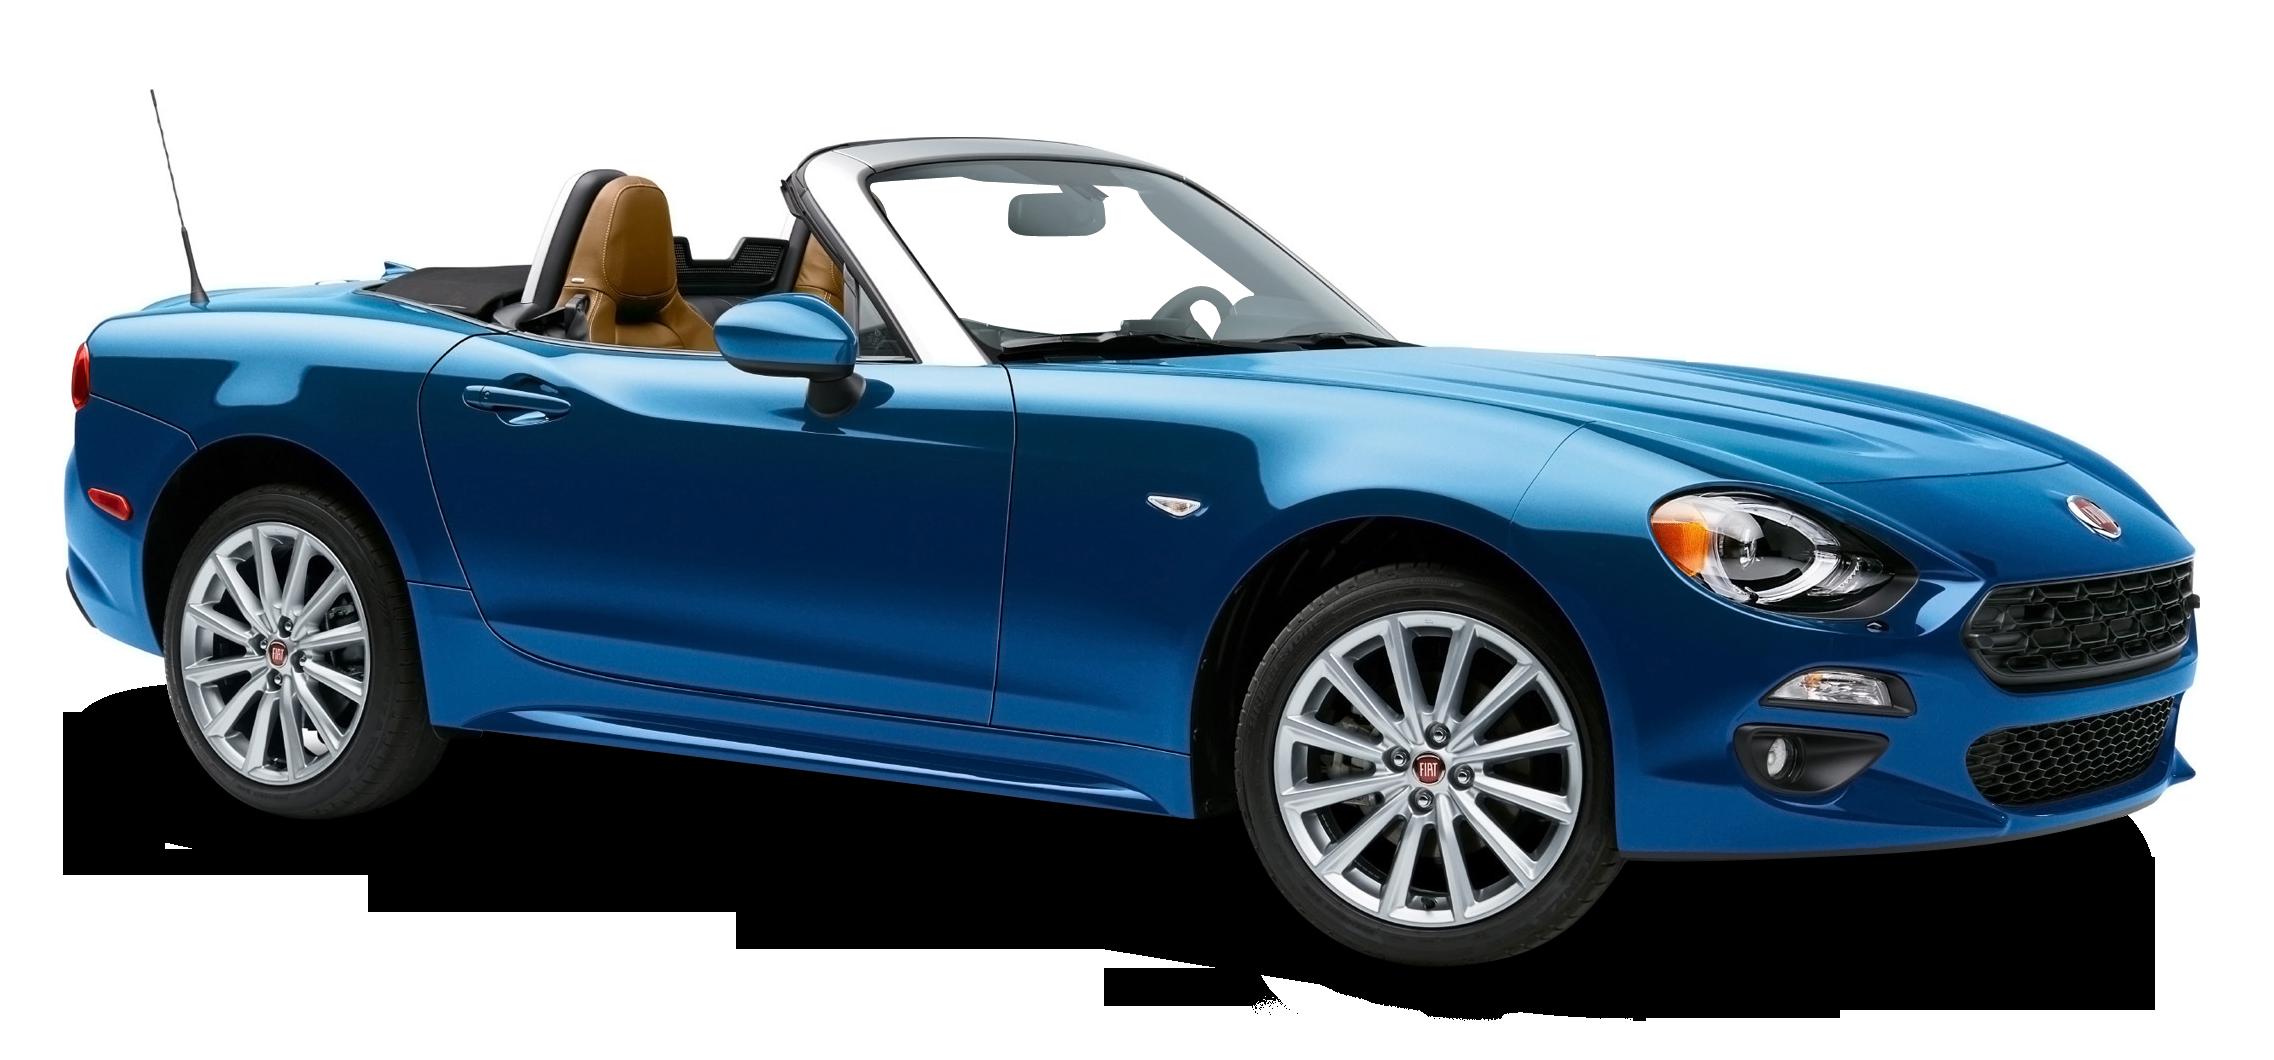 Blue Fiat 124 Spider Car PNG Image.